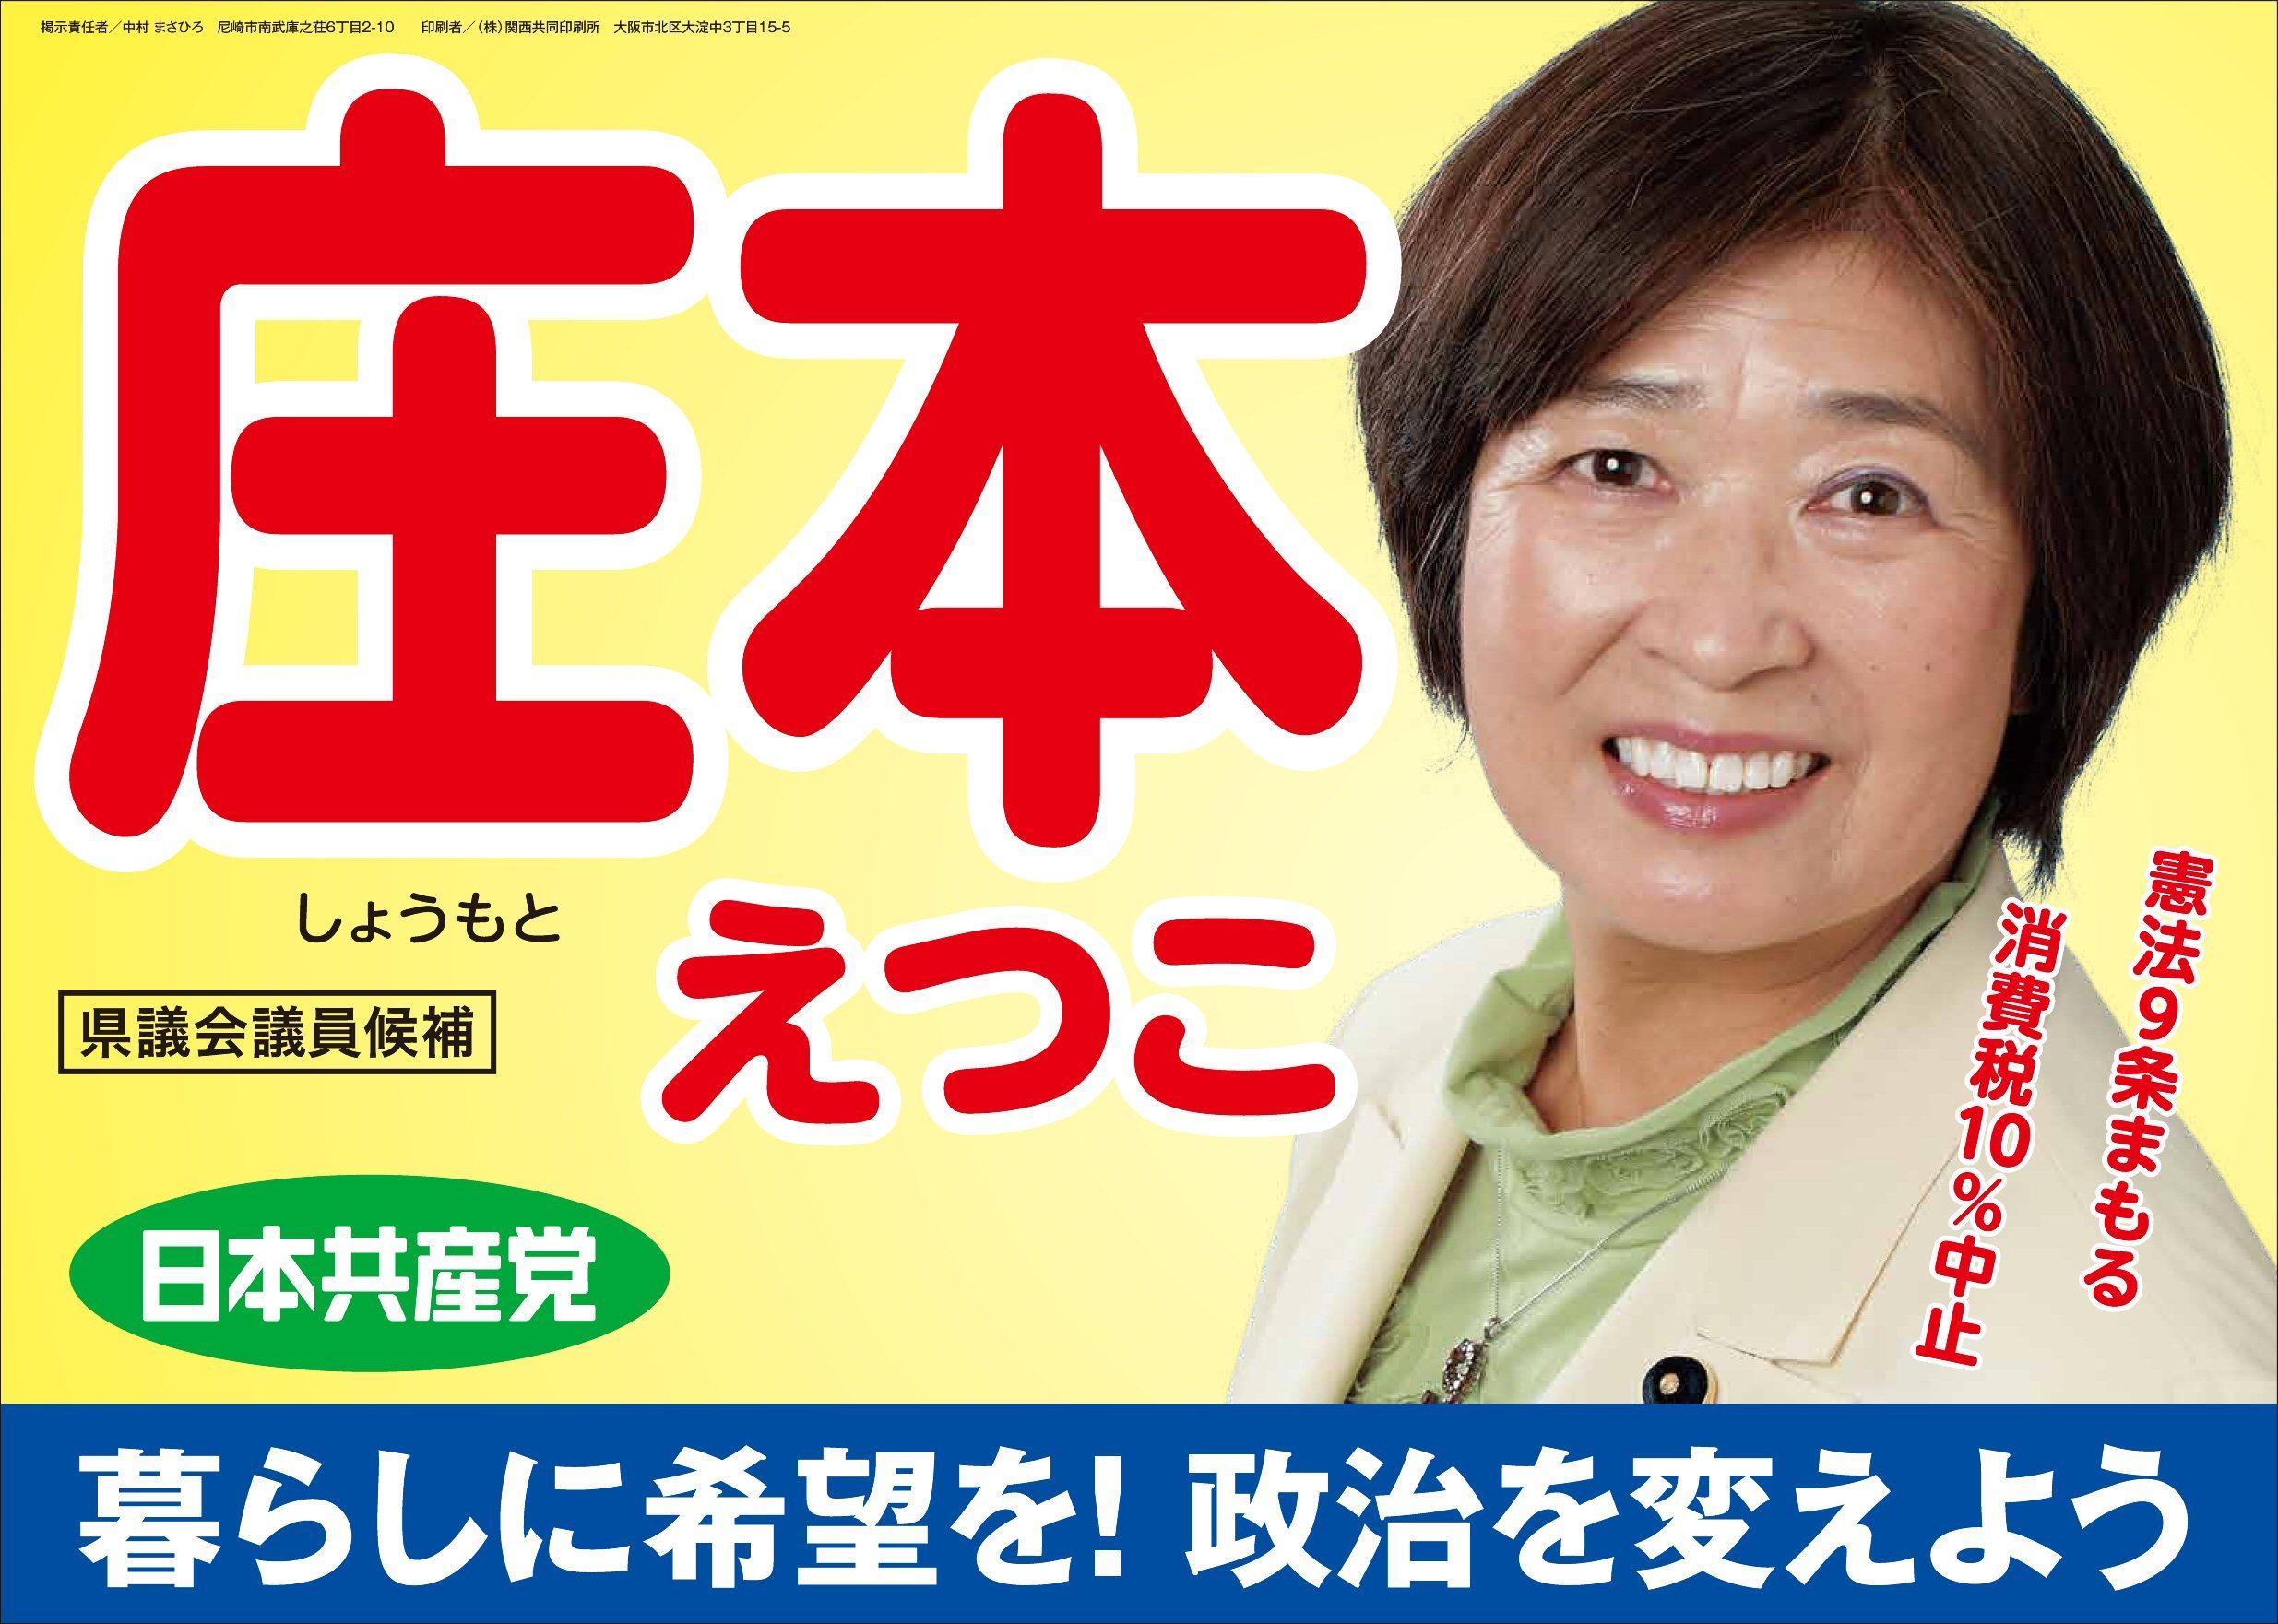 公営掲示板のポスターです_b0253602_10435232.jpg